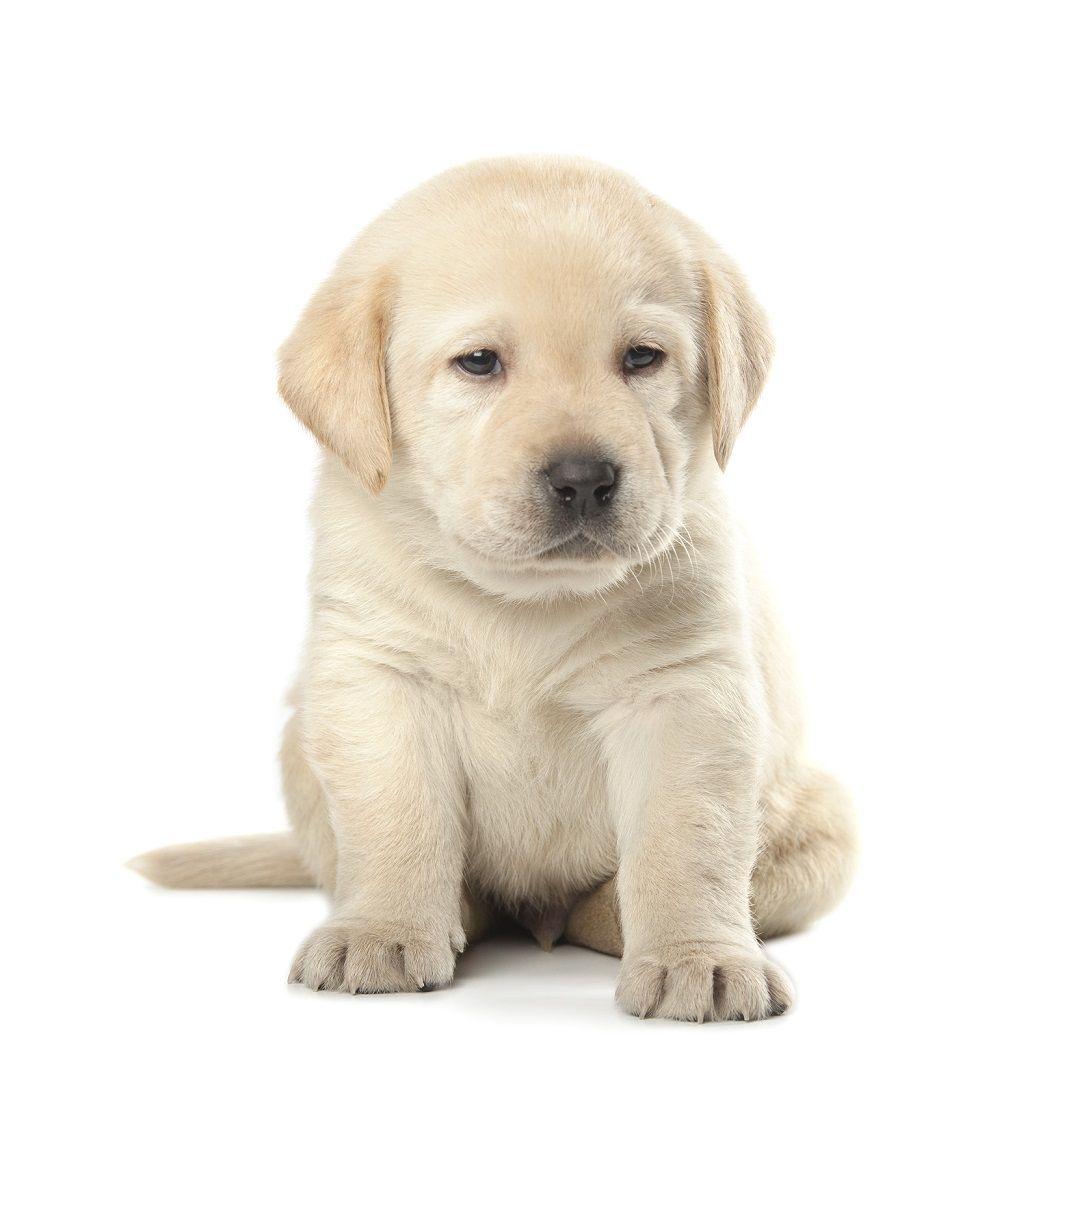 Labrador Welpen bereichern die FamilieLabrador Welpen